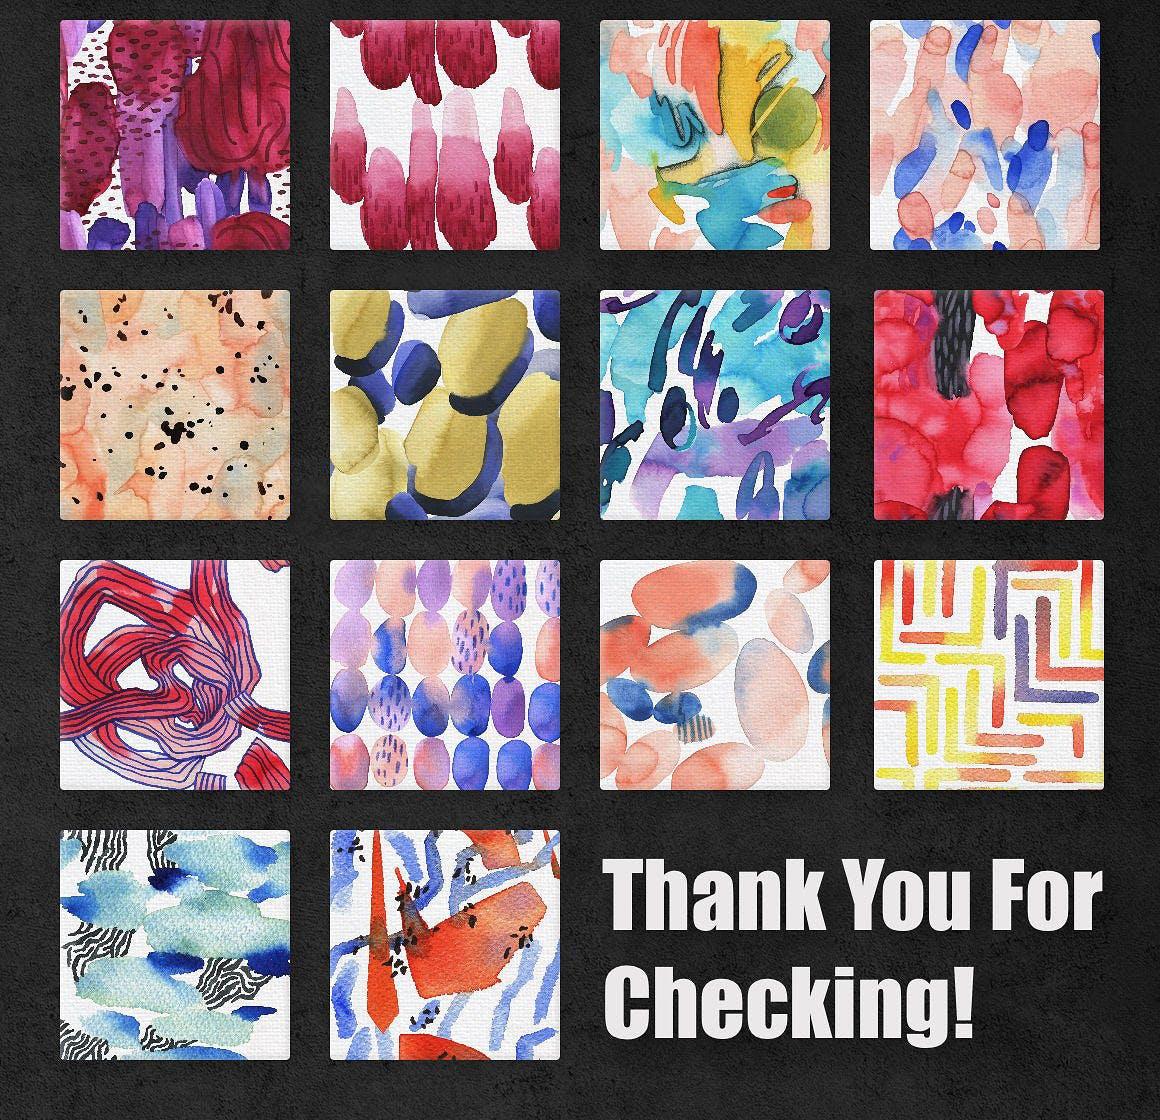 几何纹理水彩装饰图案纹理下载Vibrant Watercolor Patterns插图(6)